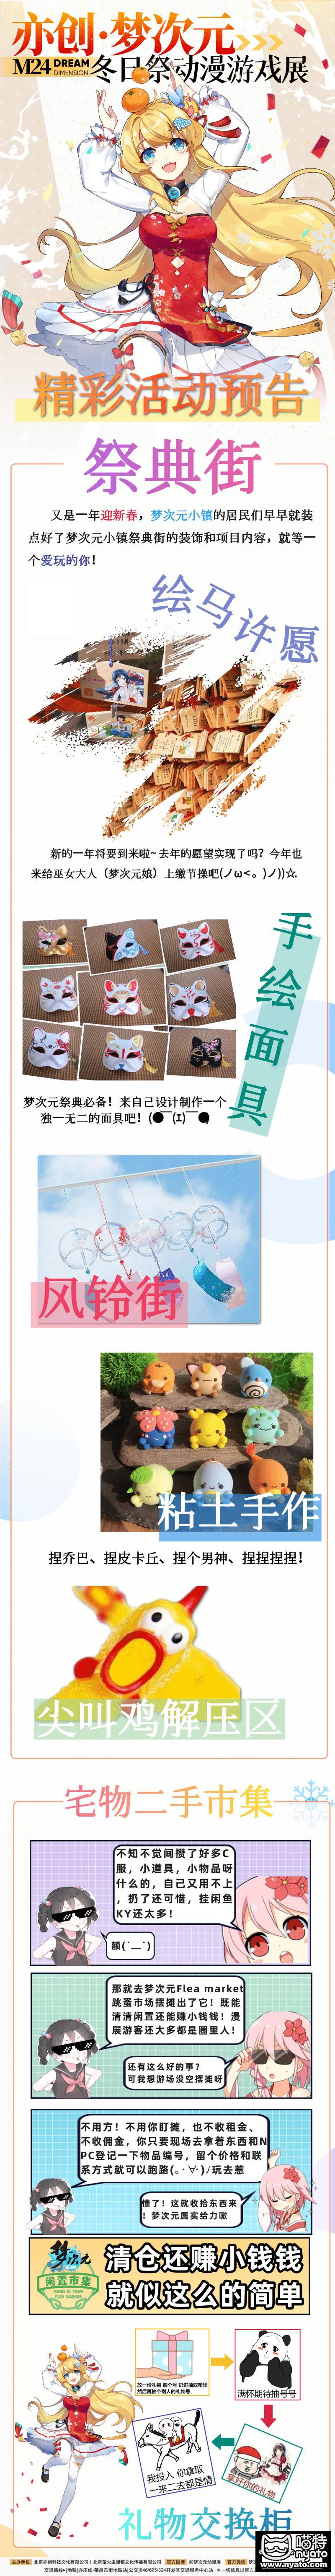 图片11祭典节+二手市集.png